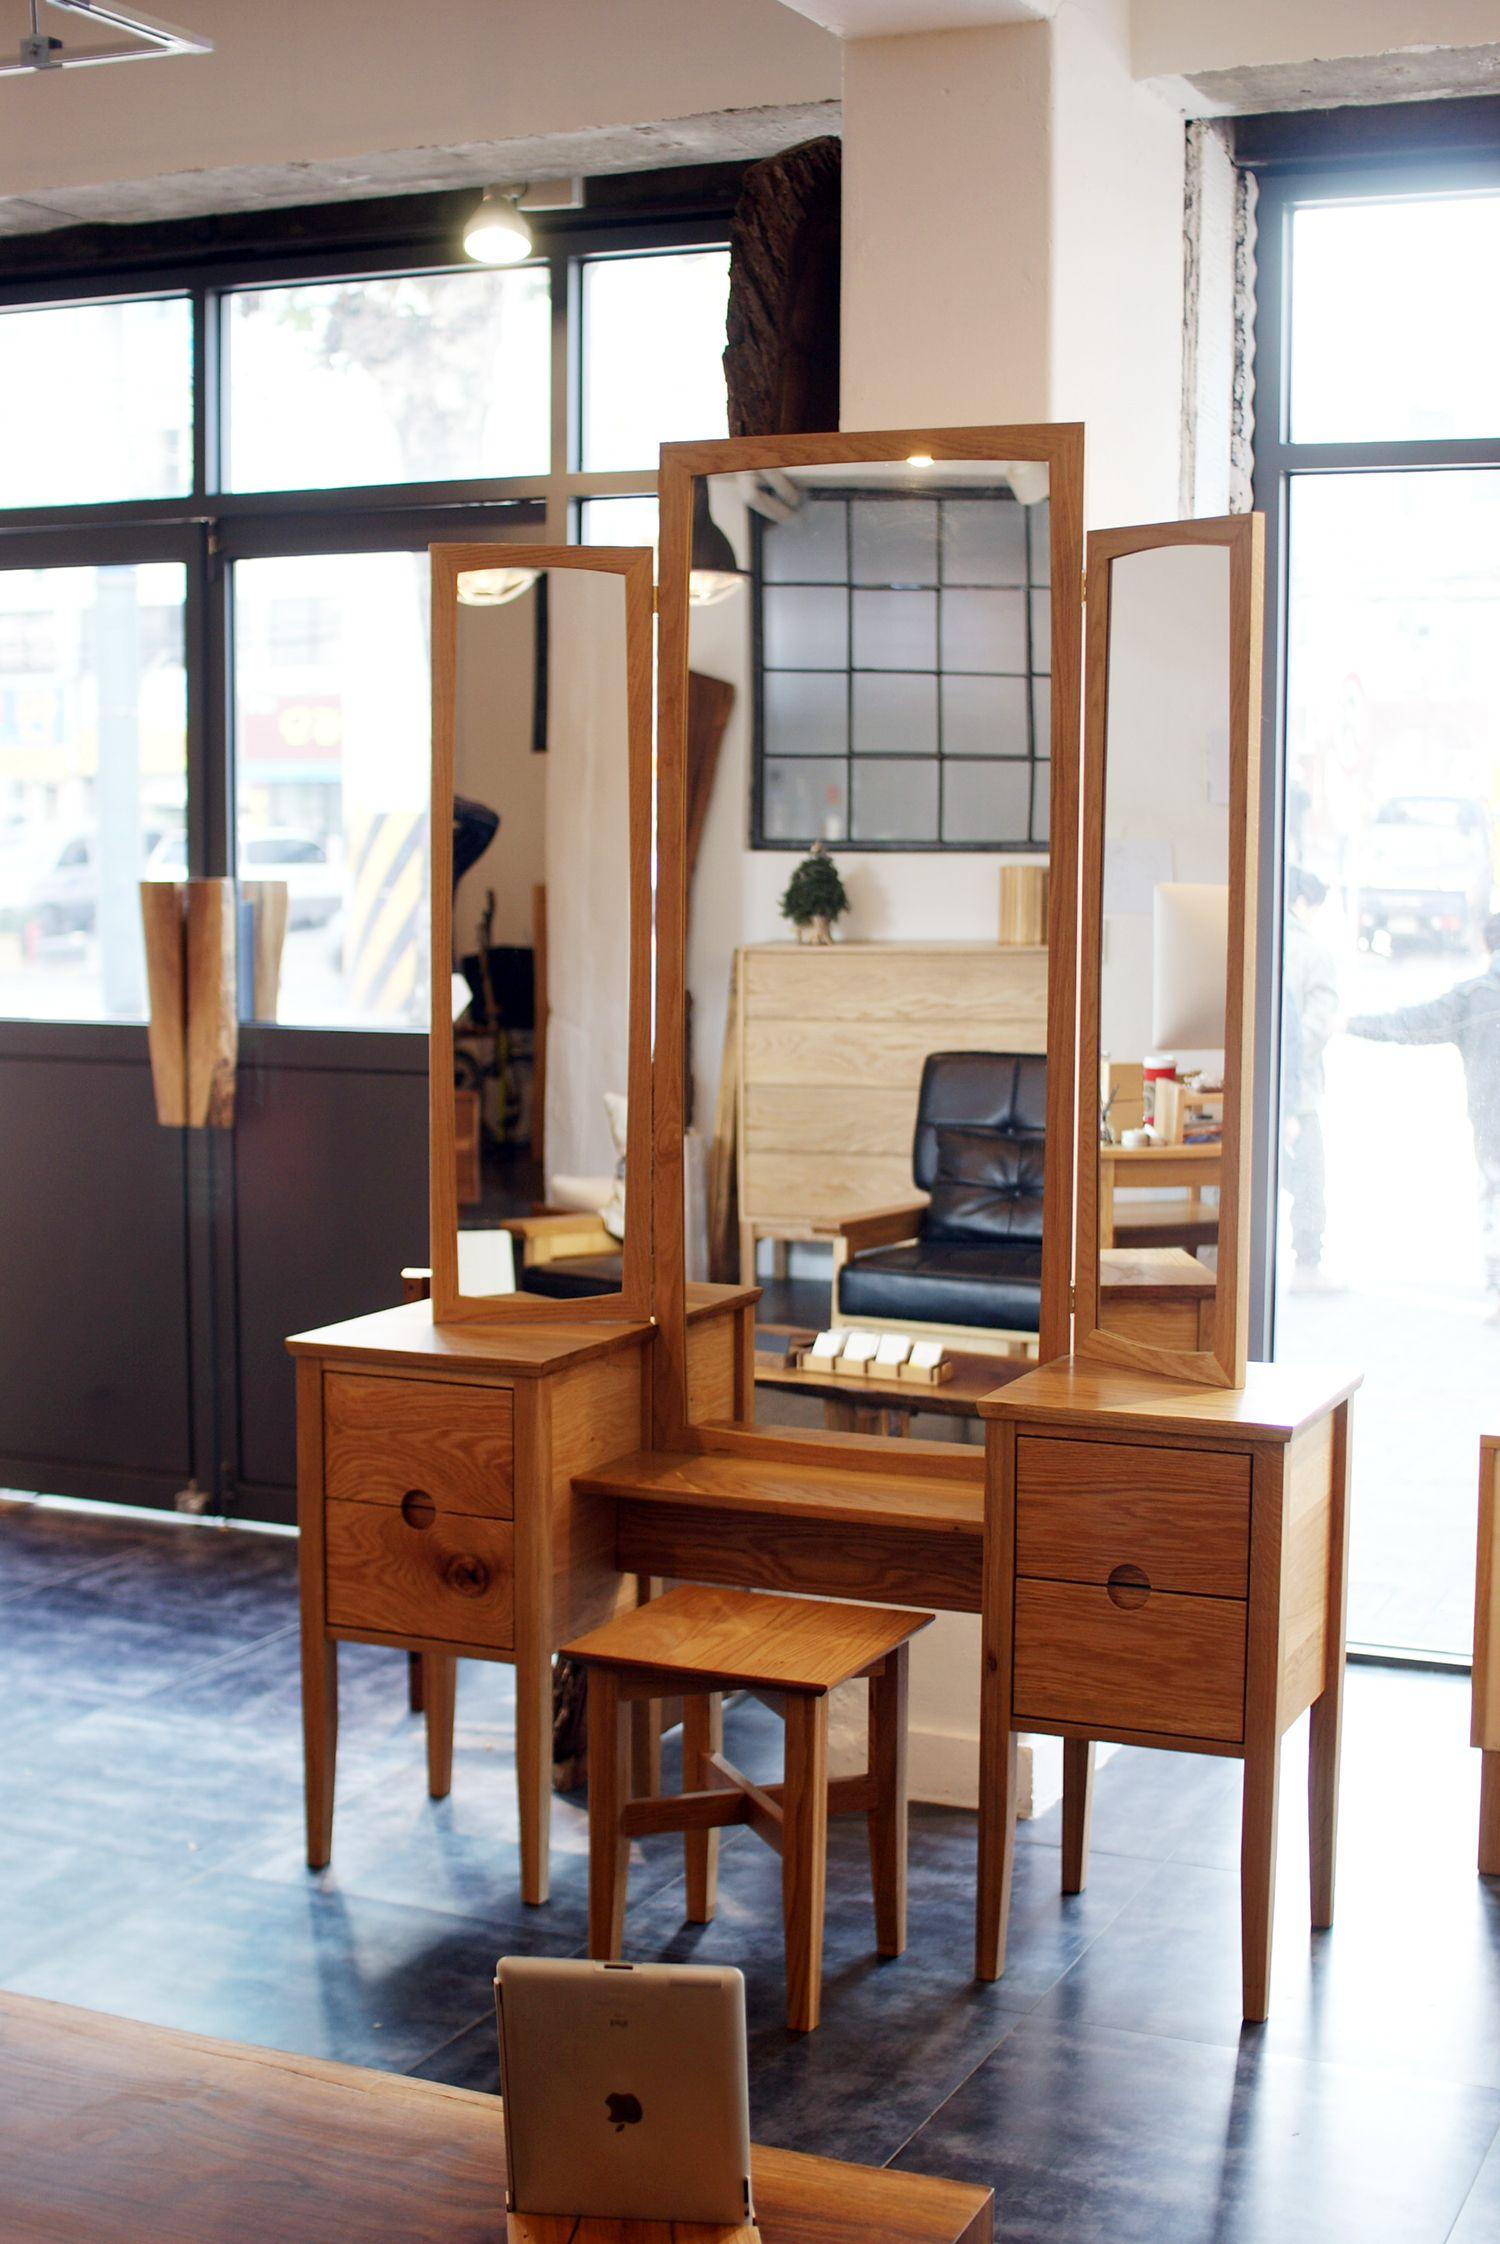 손으로 만드는 나무 가구 어반웍스 Urban Works 수제 원목가구 쇼핑몰 테이블 책상 의자